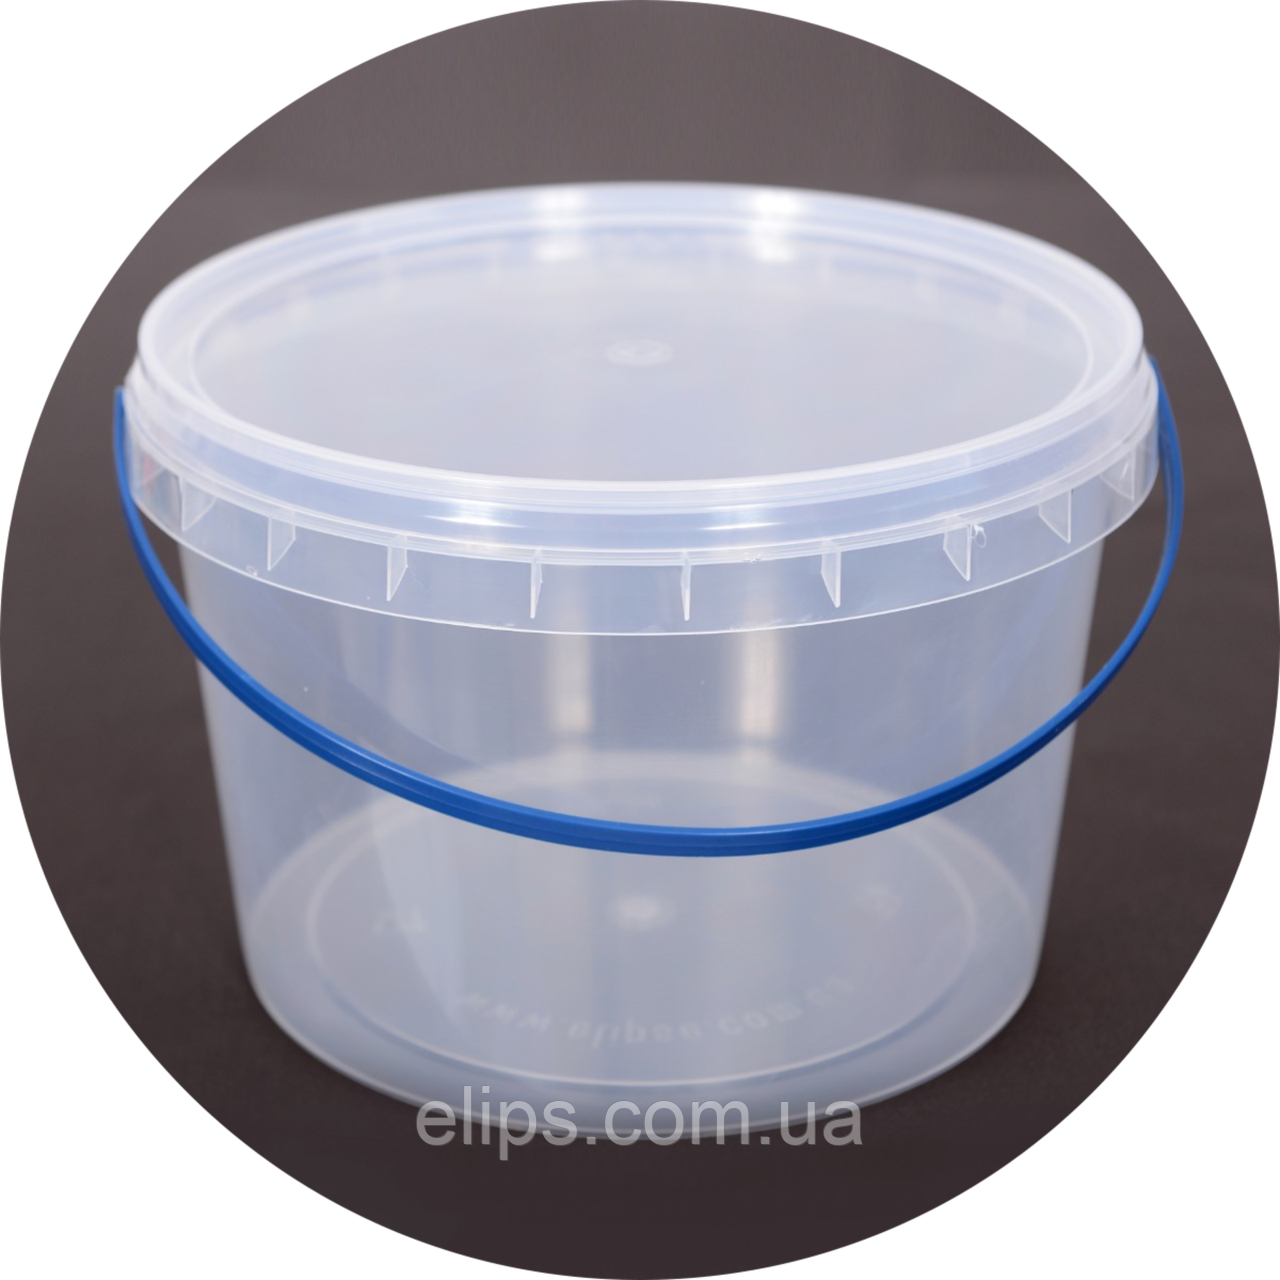 Ведро пластиковое пищевое 2.3 л (упаковка 50 шт). Бесплатная доставка!